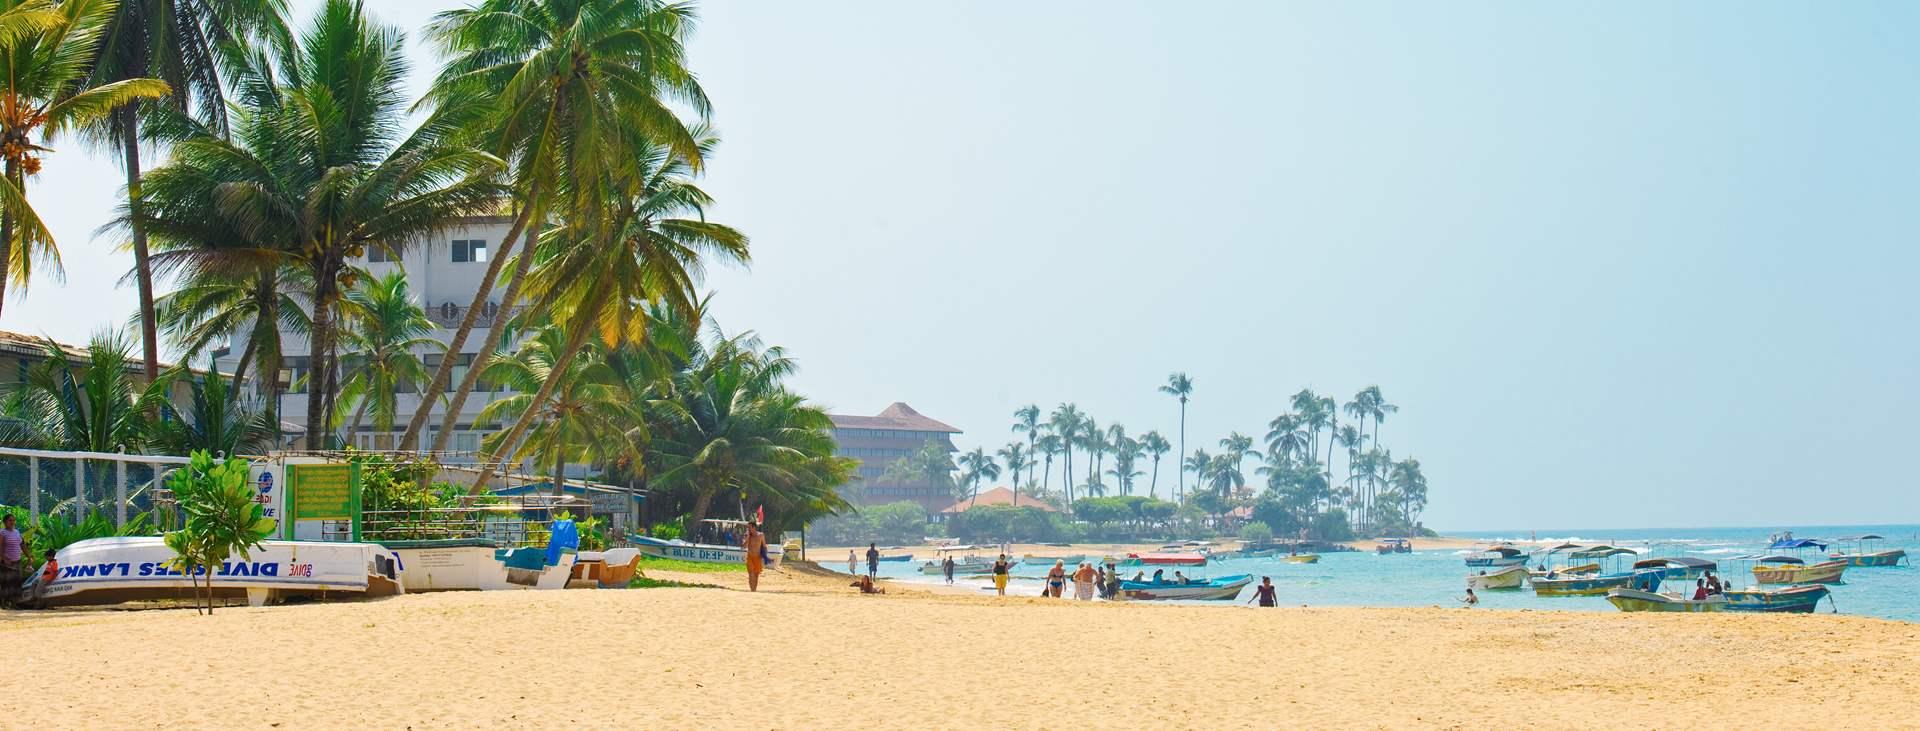 Bestill en reise til Hikkaduwa på Sri Lanka med Ving